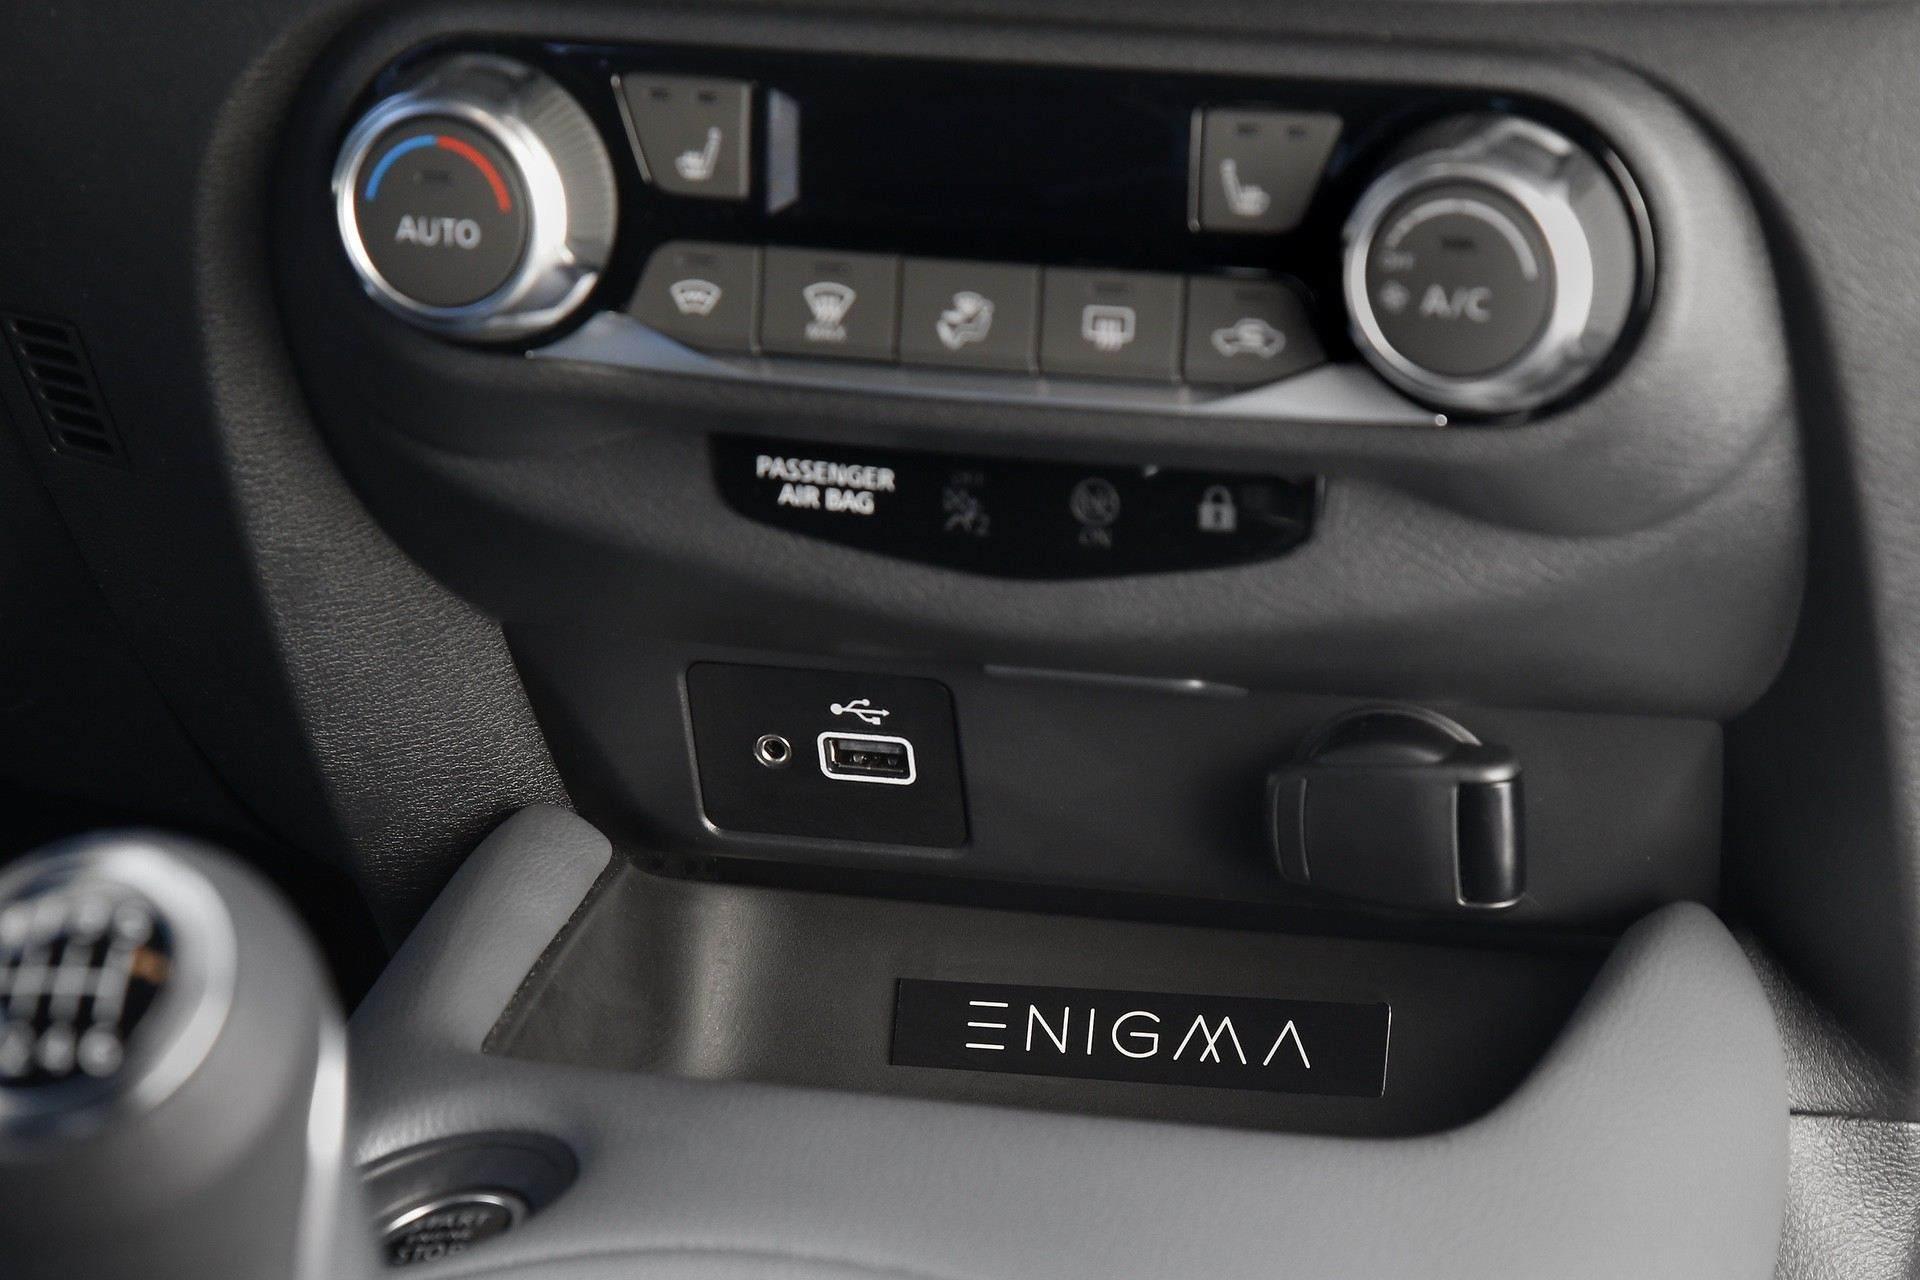 Nissan_Juke_Enigma_0009